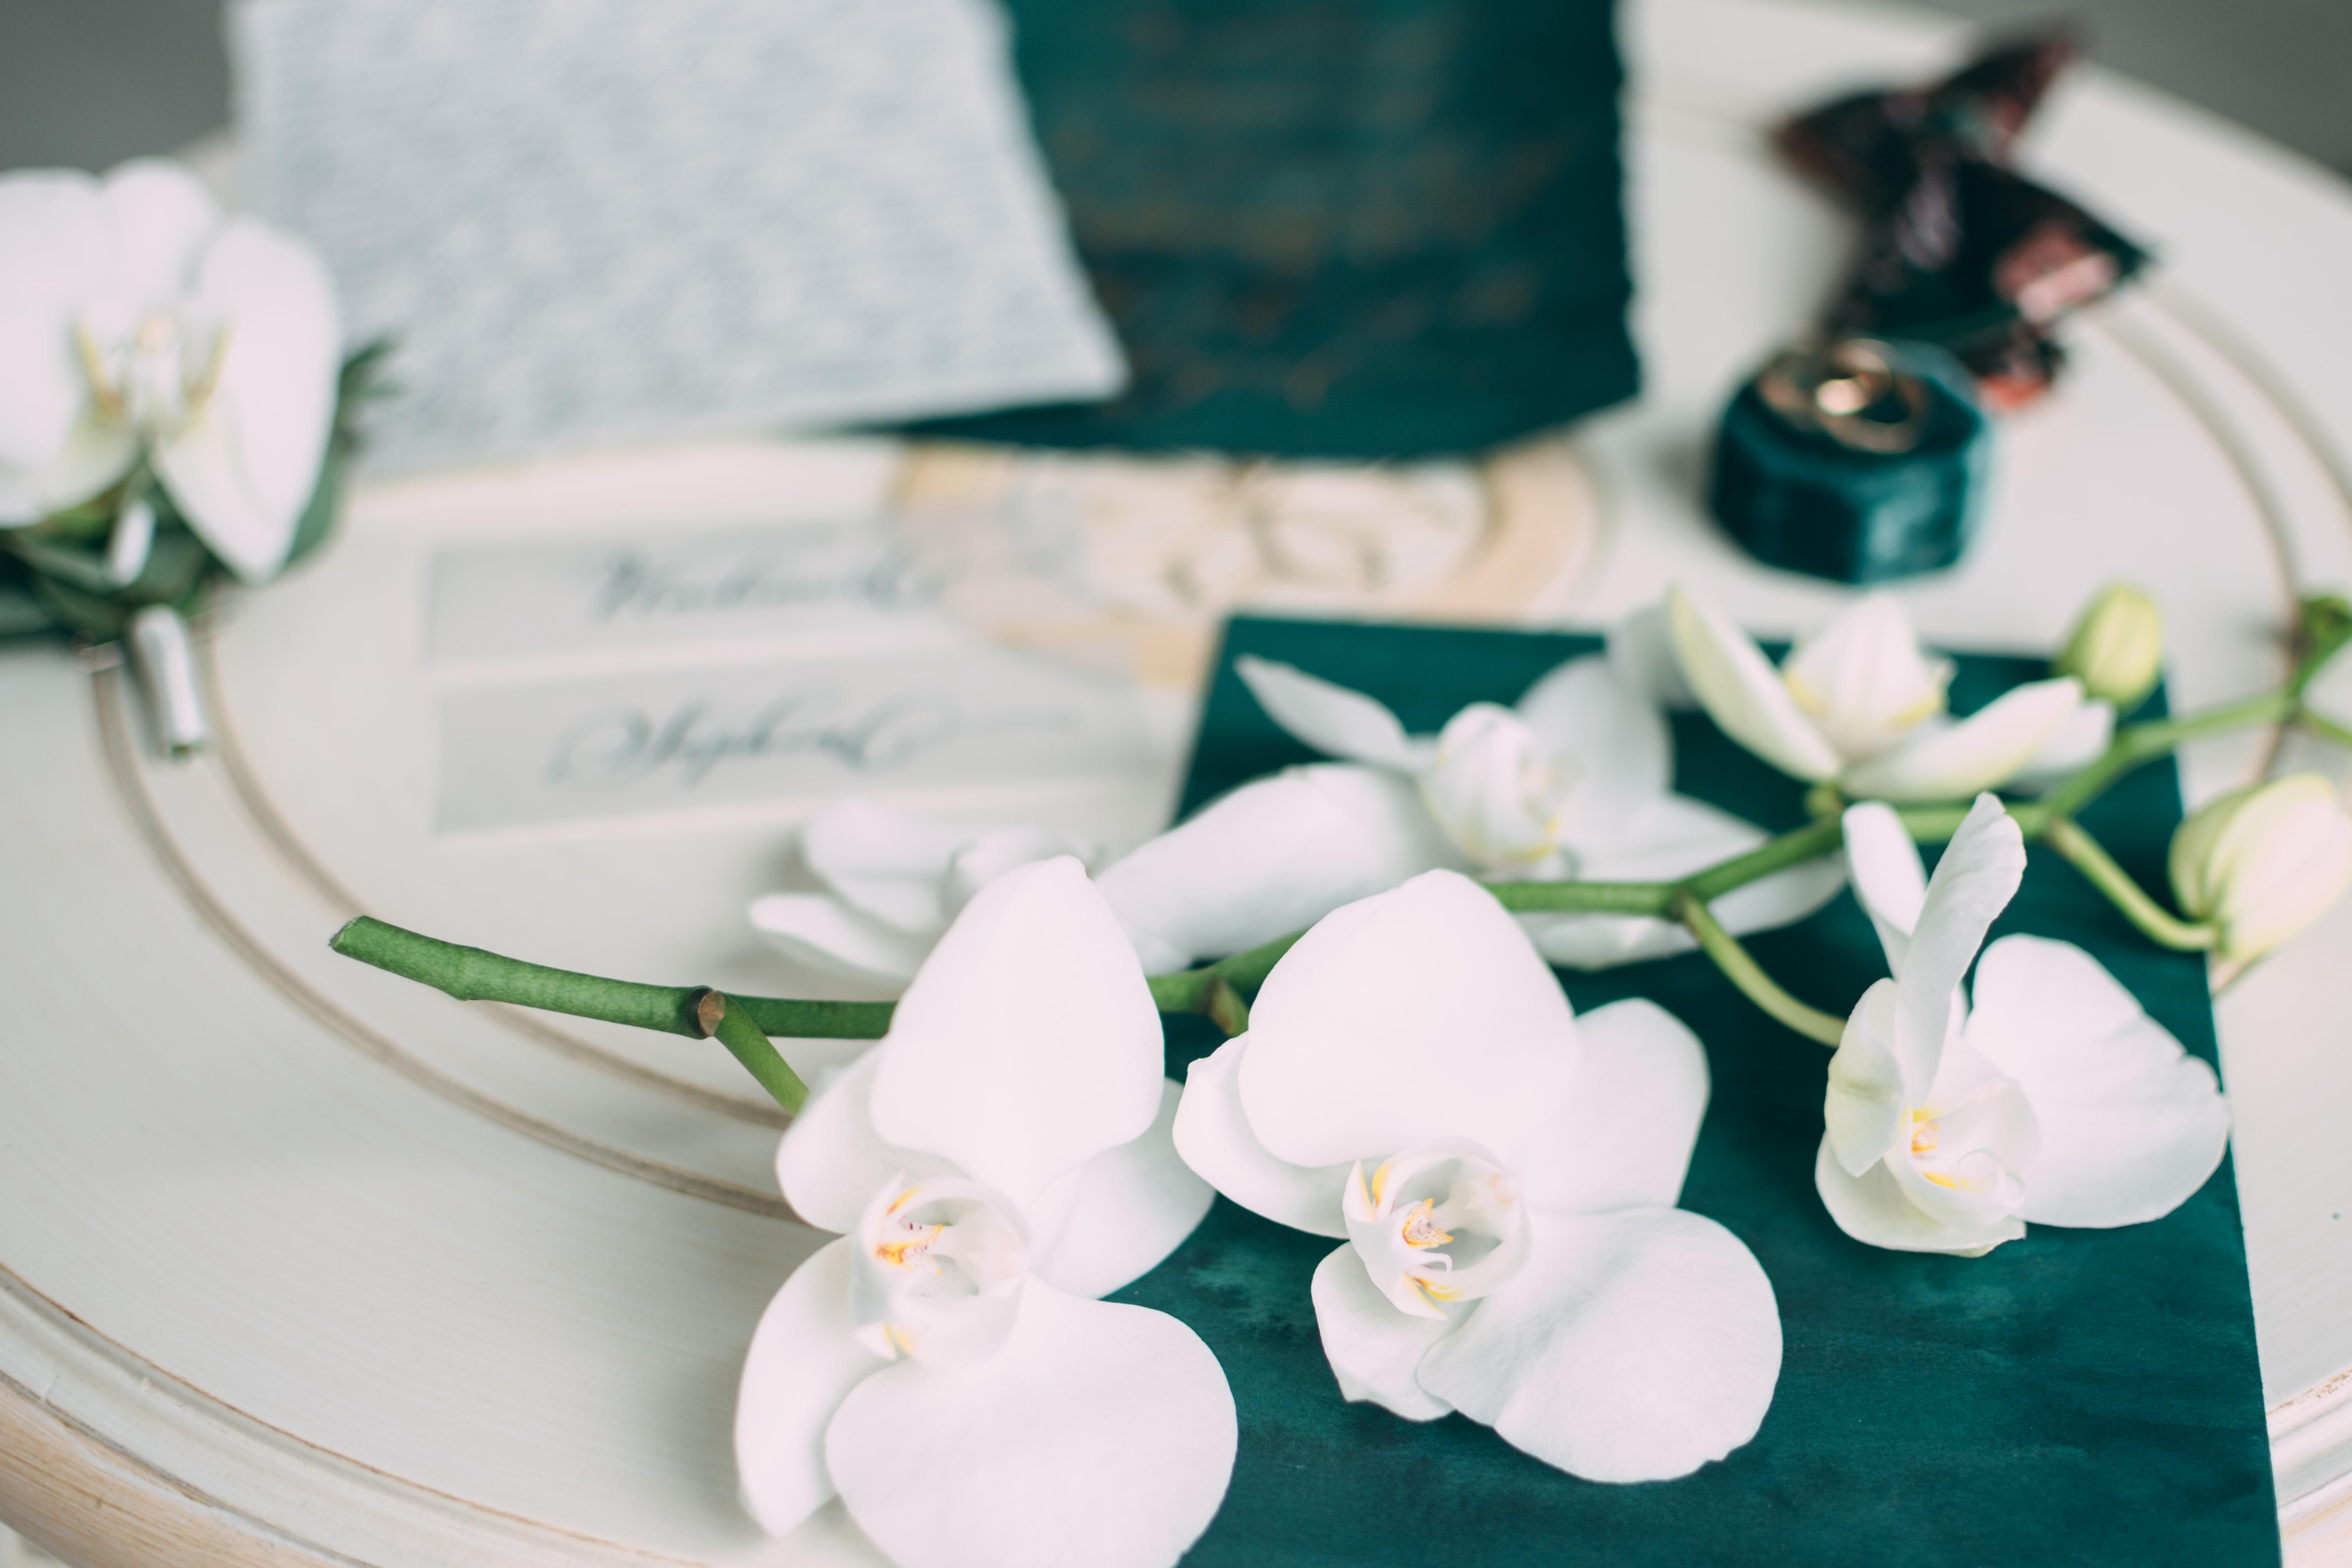 胡蝶蘭を贈るマナー